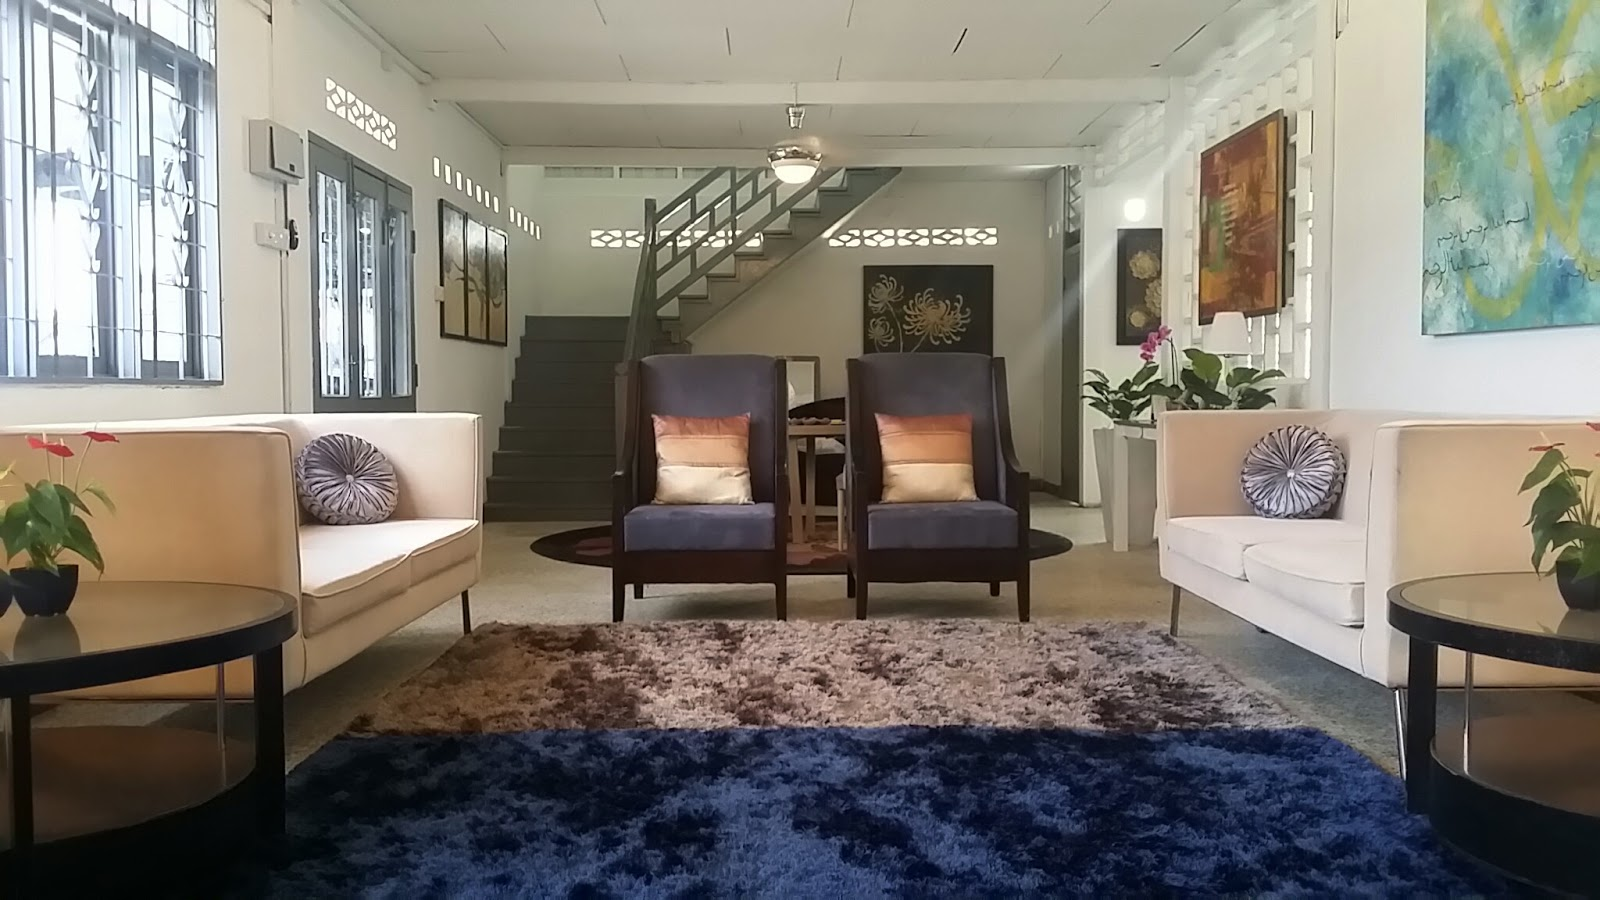 Pada Bahagian Tengah Seolah Foyer Penyambut Tetamu Disediakan Satu Set Meja Makan Empat Kerusi Jika Bertandang Yang Mahukan Lebih Keakhraban Dan Mungkin